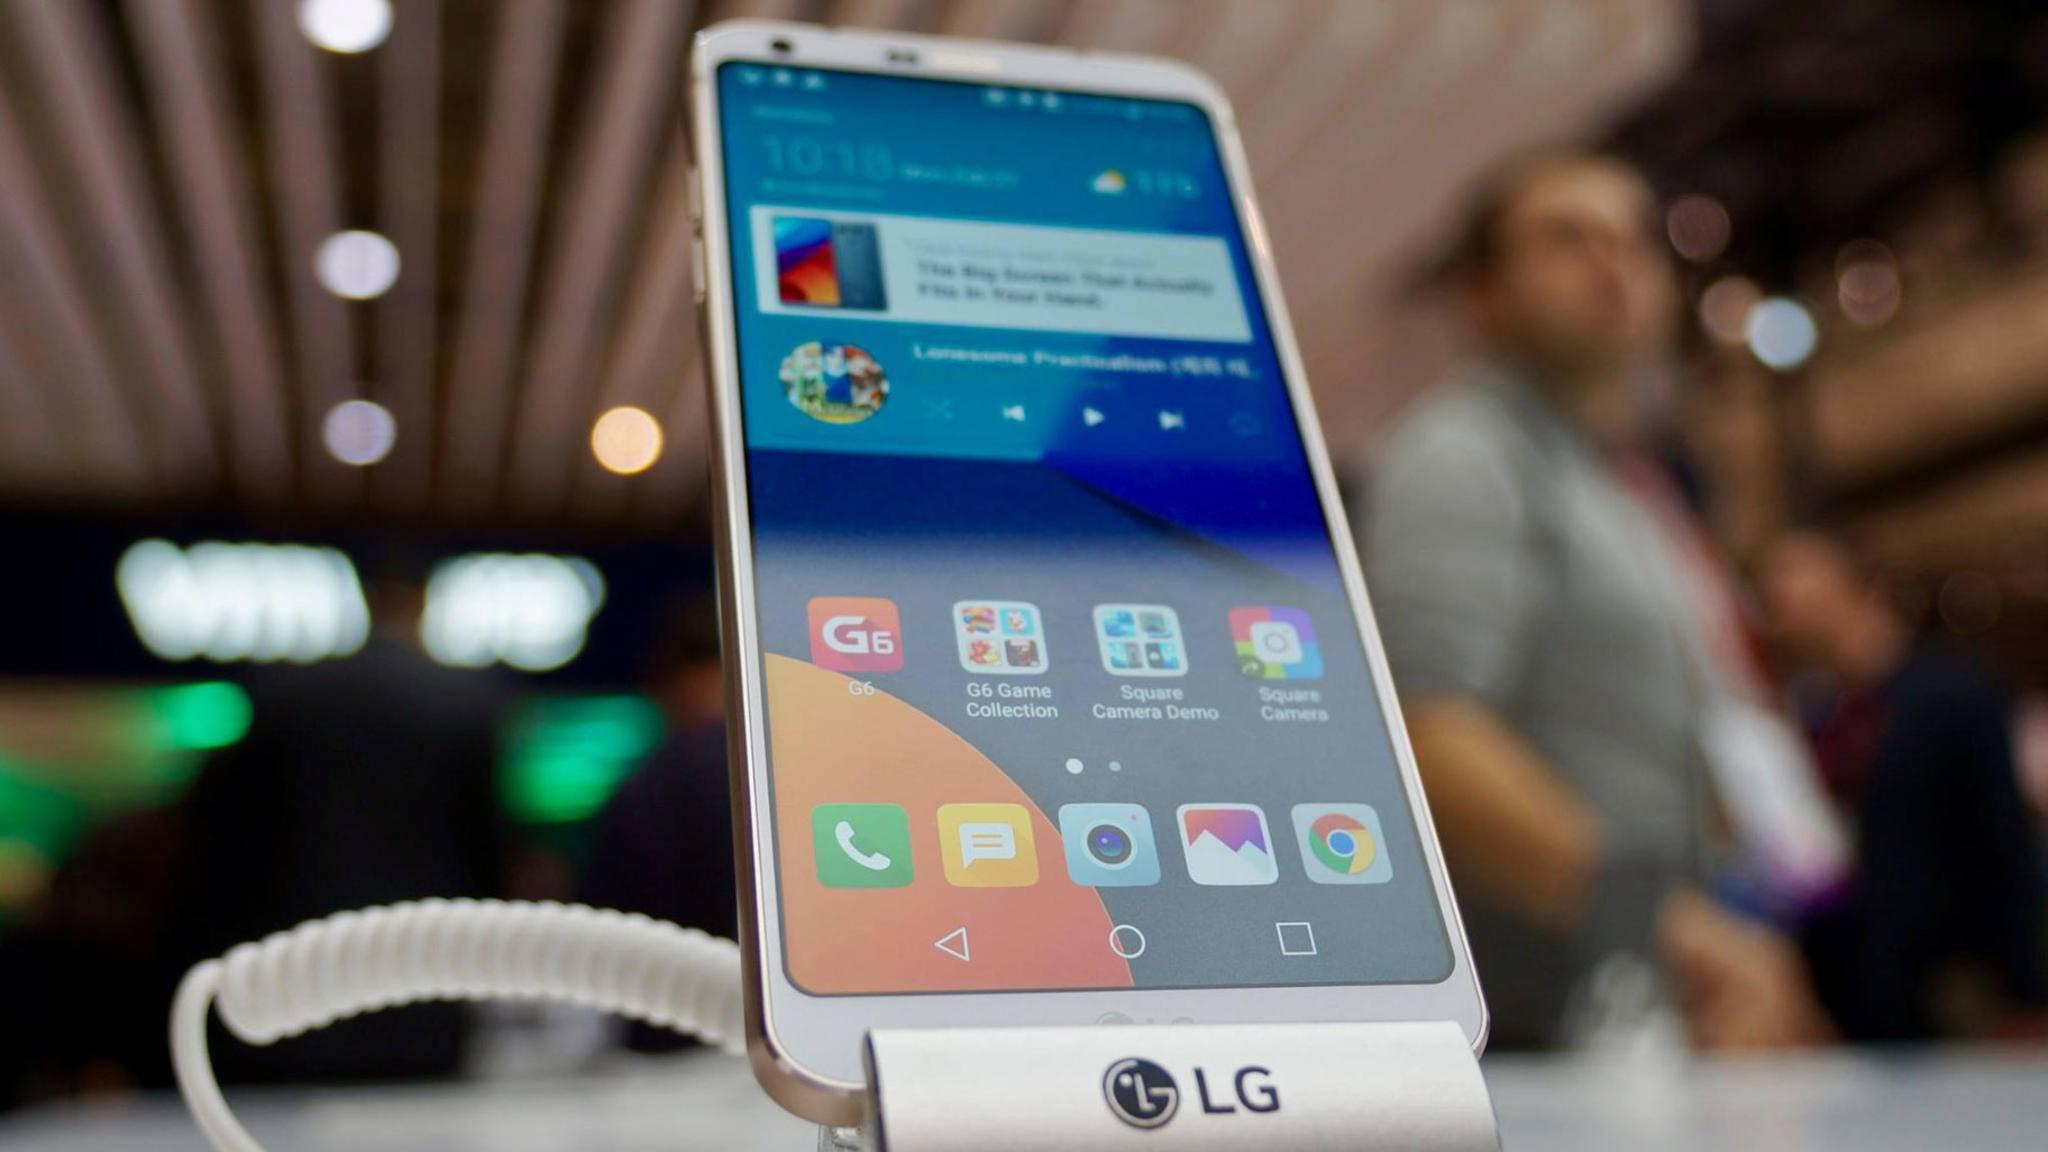 Da ist es: Das LG G6.